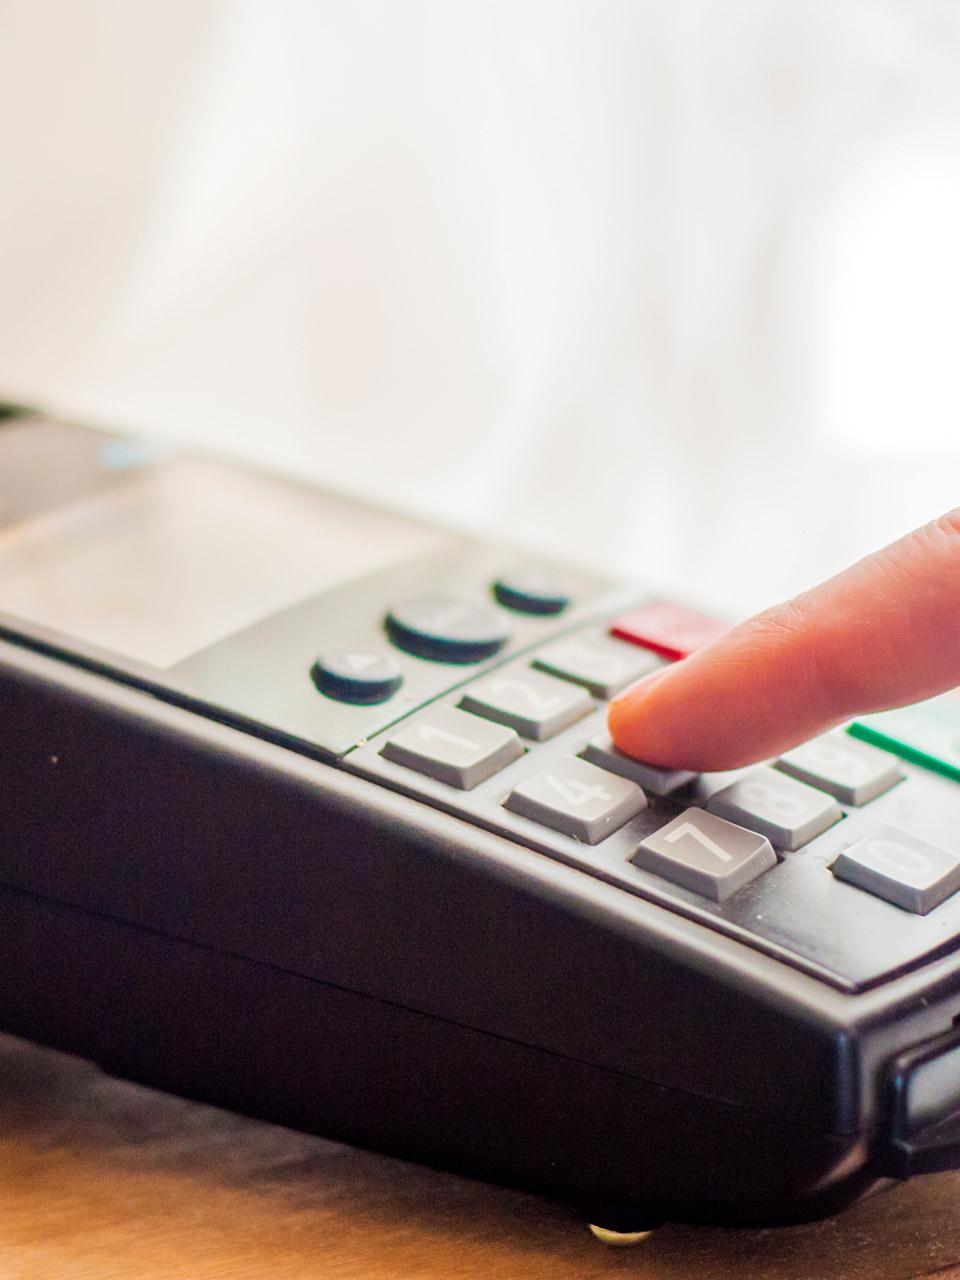 Cà thẻ bằng máy POS có tốn phí không?